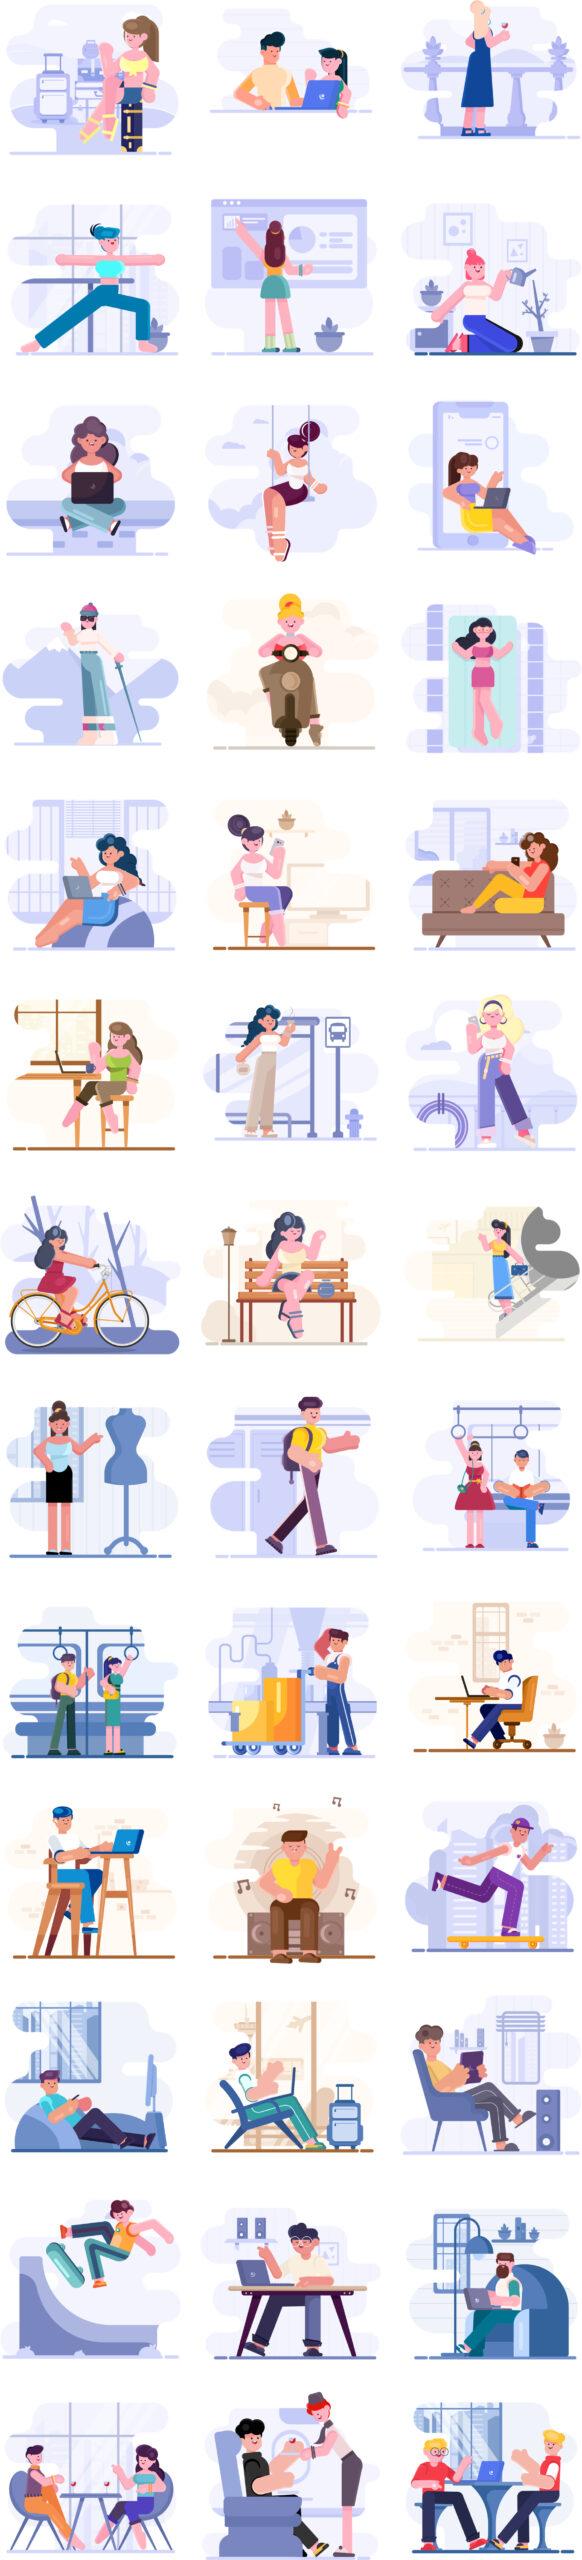 Loomies-39个免费人物矢量插画素材 Loomies – 39 Free Illustrations插图